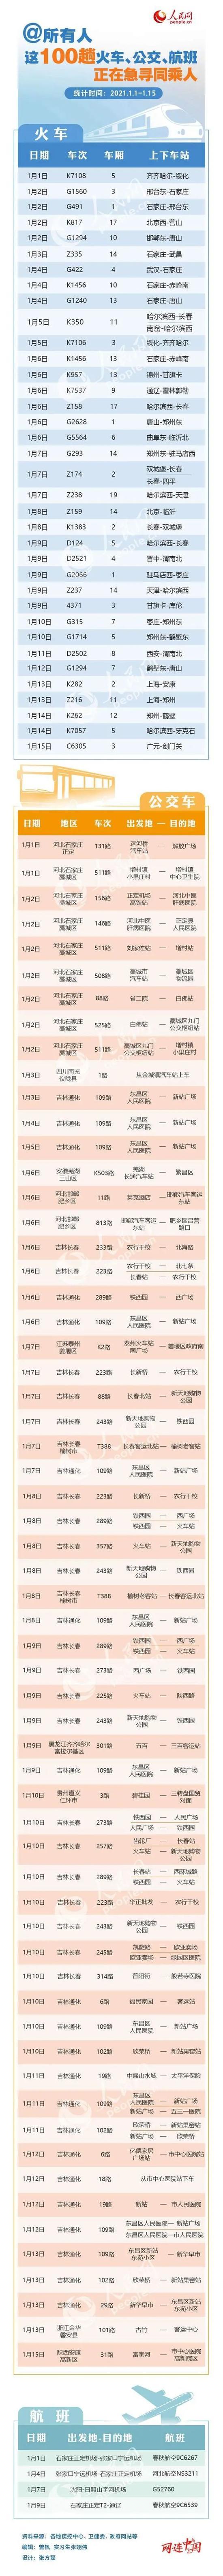 事关春运,辽宁发布最新计划!多地火车、公交、航班急寻同乘人!图片